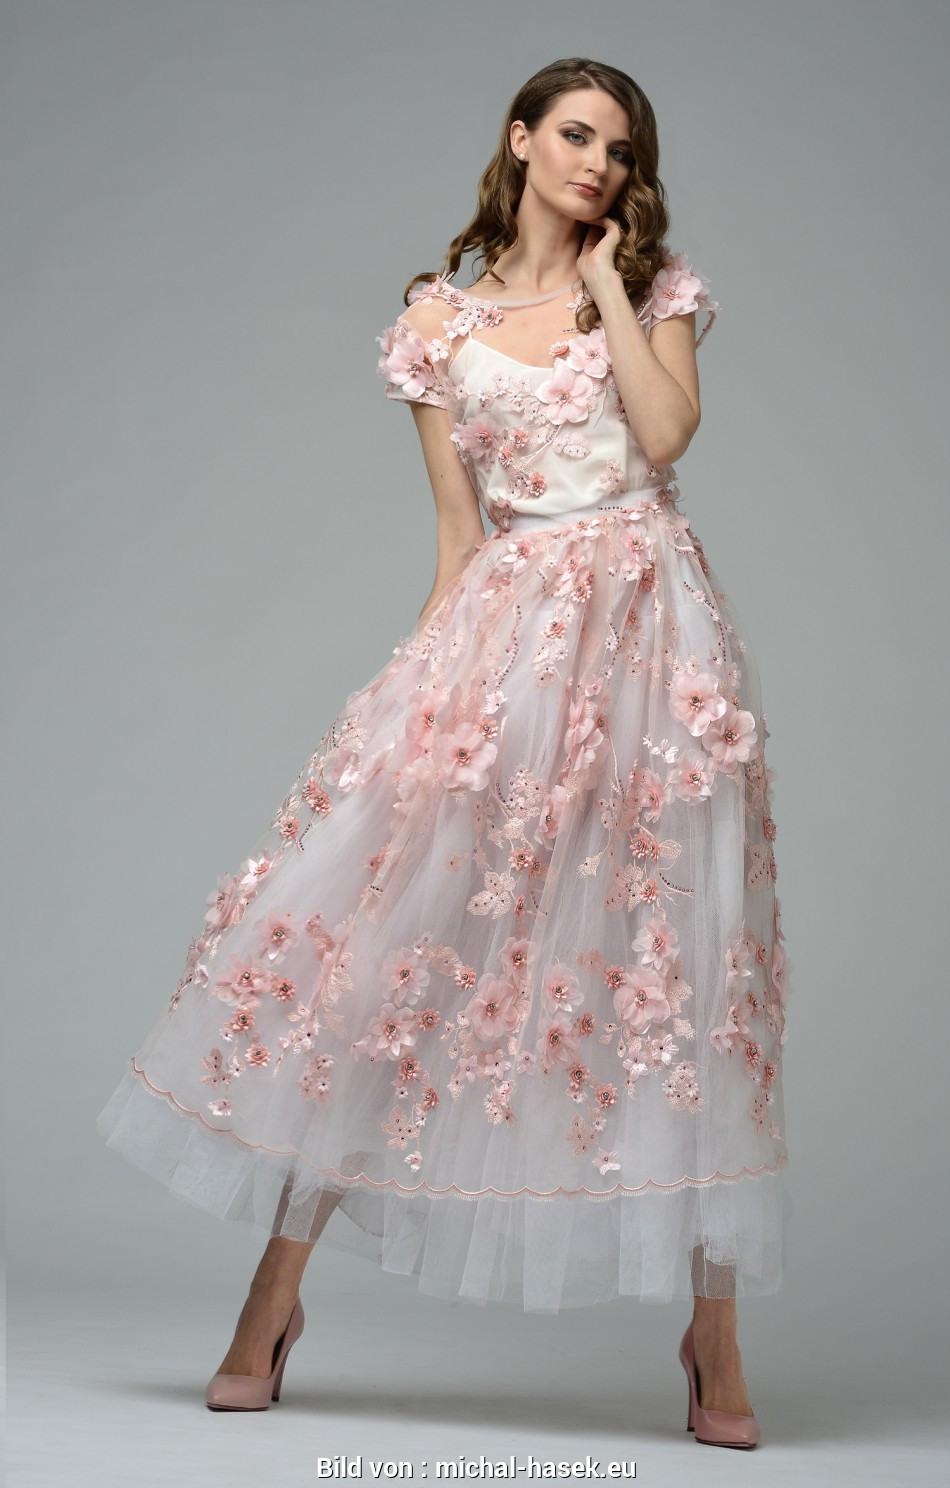 17 Cool Marken Abendkleider Design17 Einfach Marken Abendkleider Bester Preis